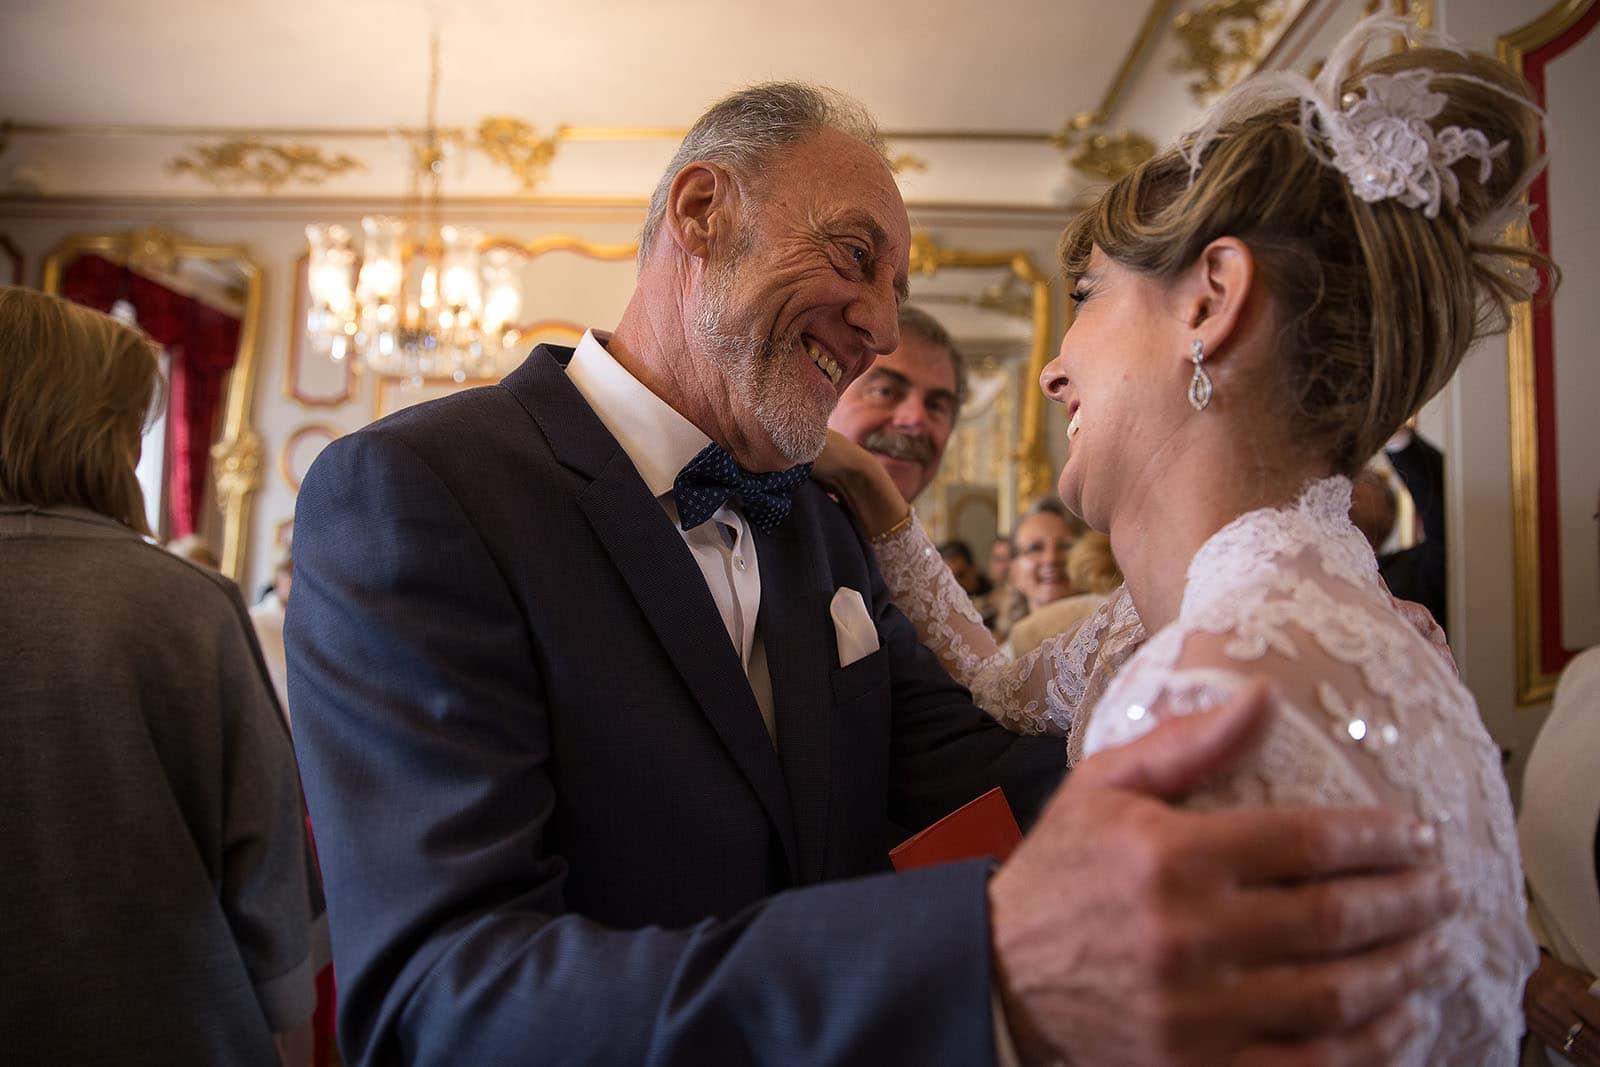 photographe de mariage chalon sur sane la marie et son pre photo ralise - Photographe Mariage Chalon Sur Saone